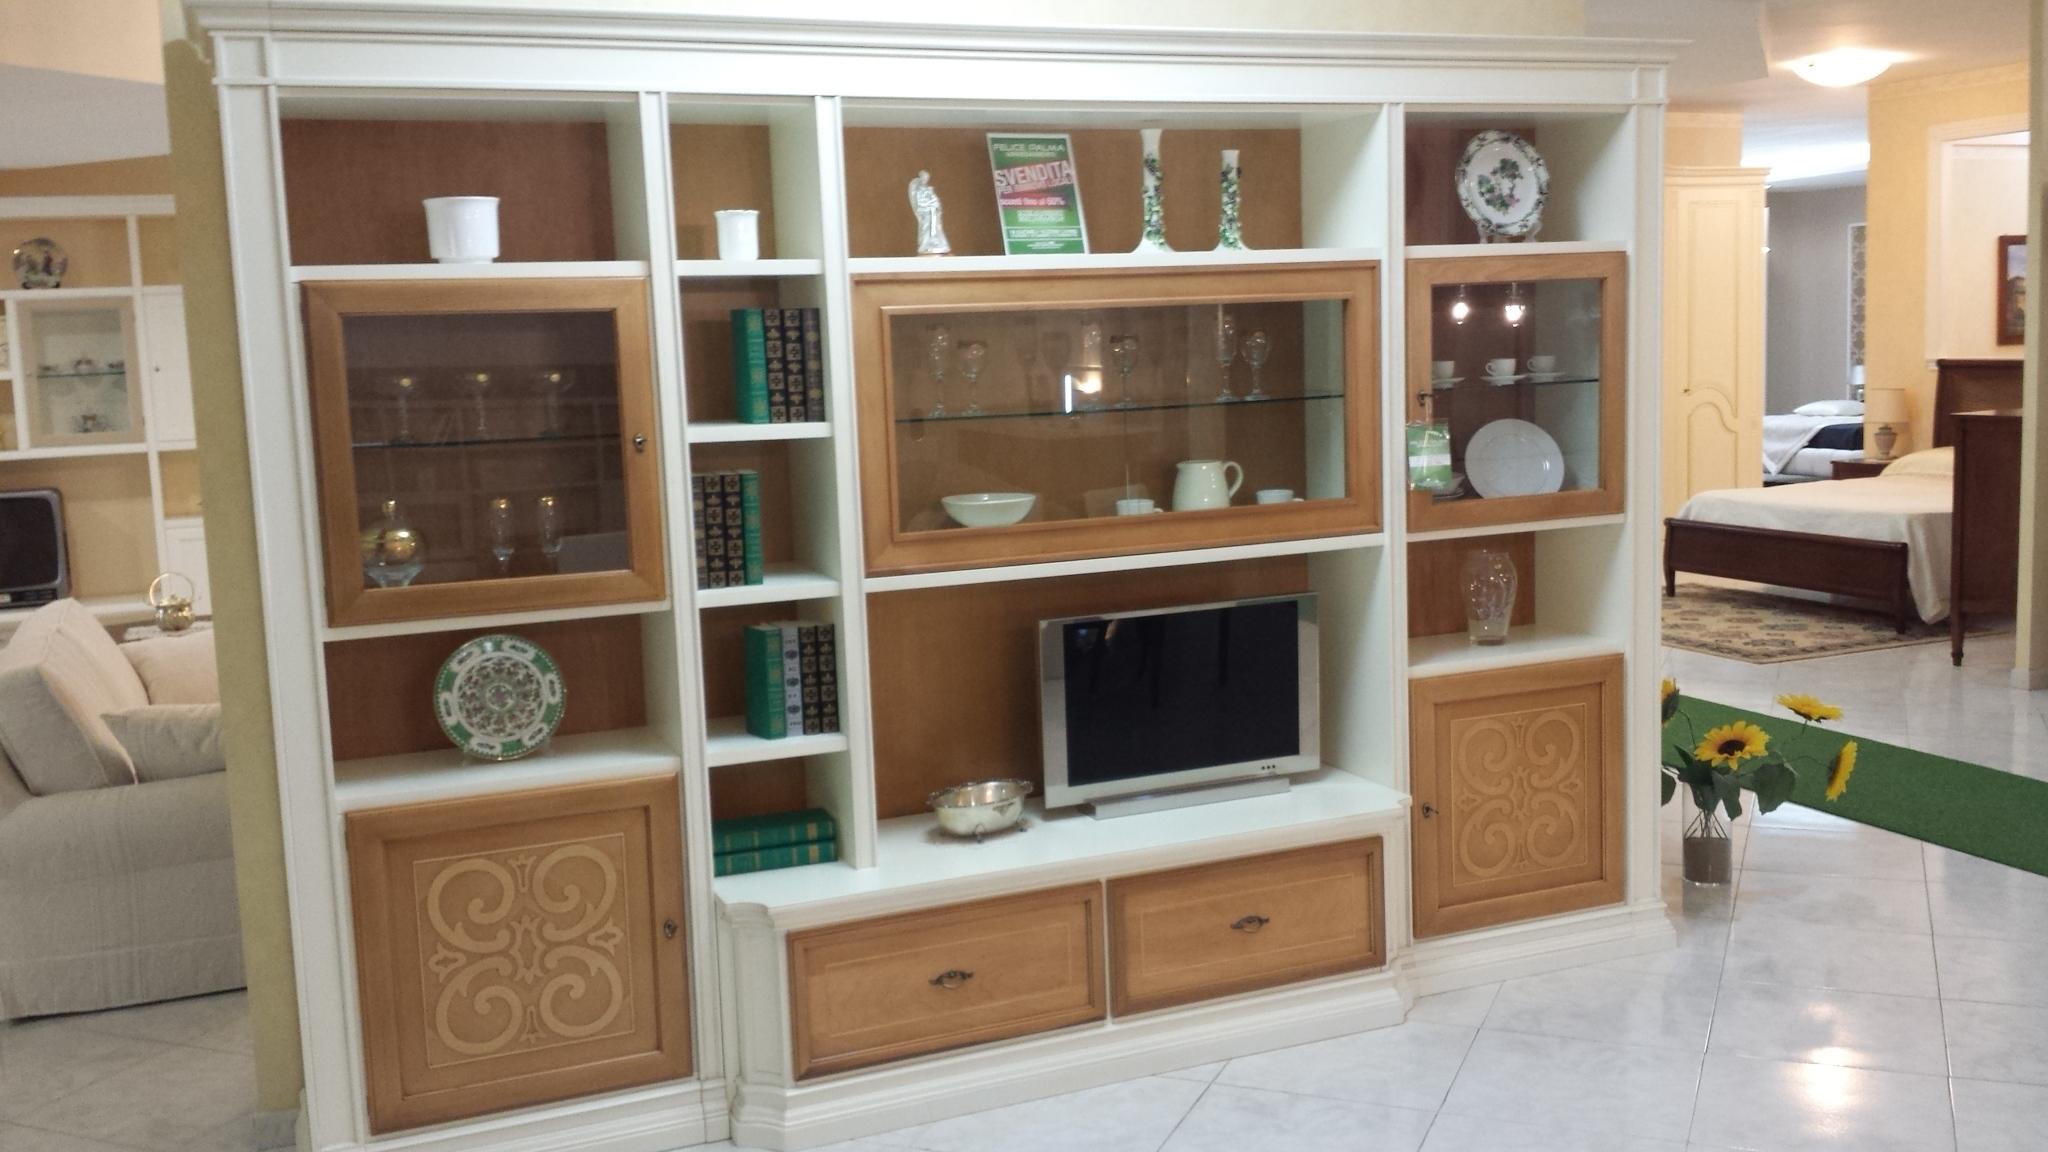 Parete attrezzata stilema 62 images salone del mobile 2014 le nuove librerie e pareti - Barbato arredamenti cucine ...